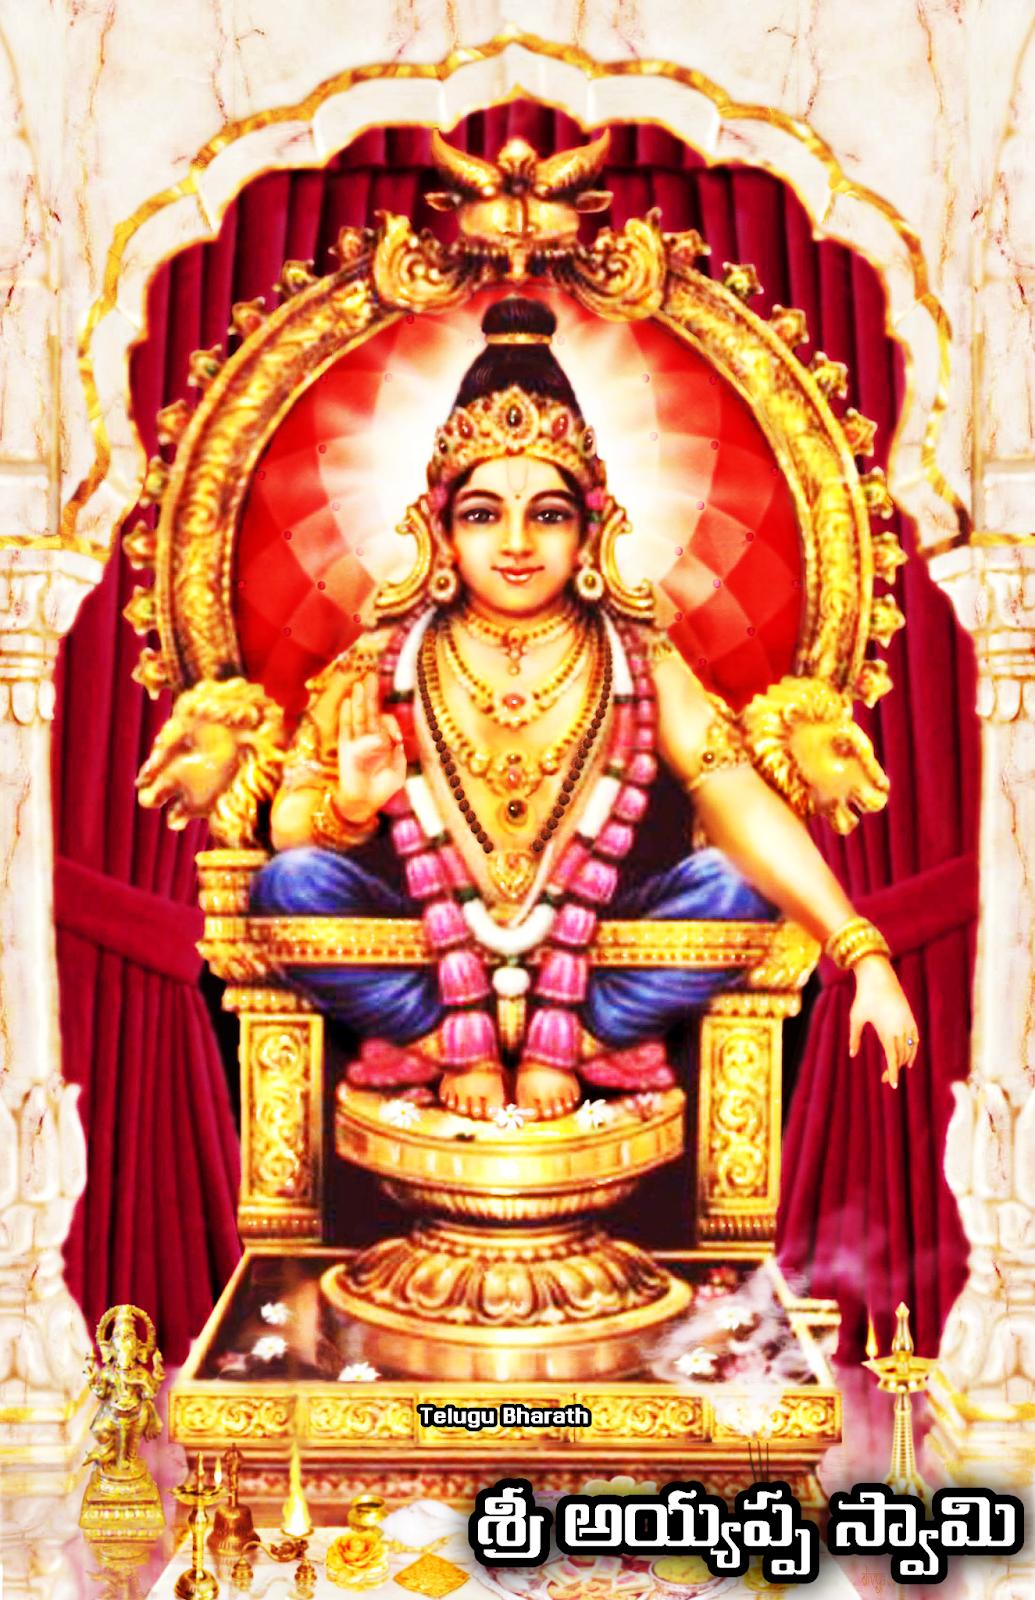 శ్రీ అయ్యప్ప స్వామి మాలాధారణ మారియు మాల విసర్జనా మంత్రము - Swami Ayyappa Maala Daaranaa Mantramu